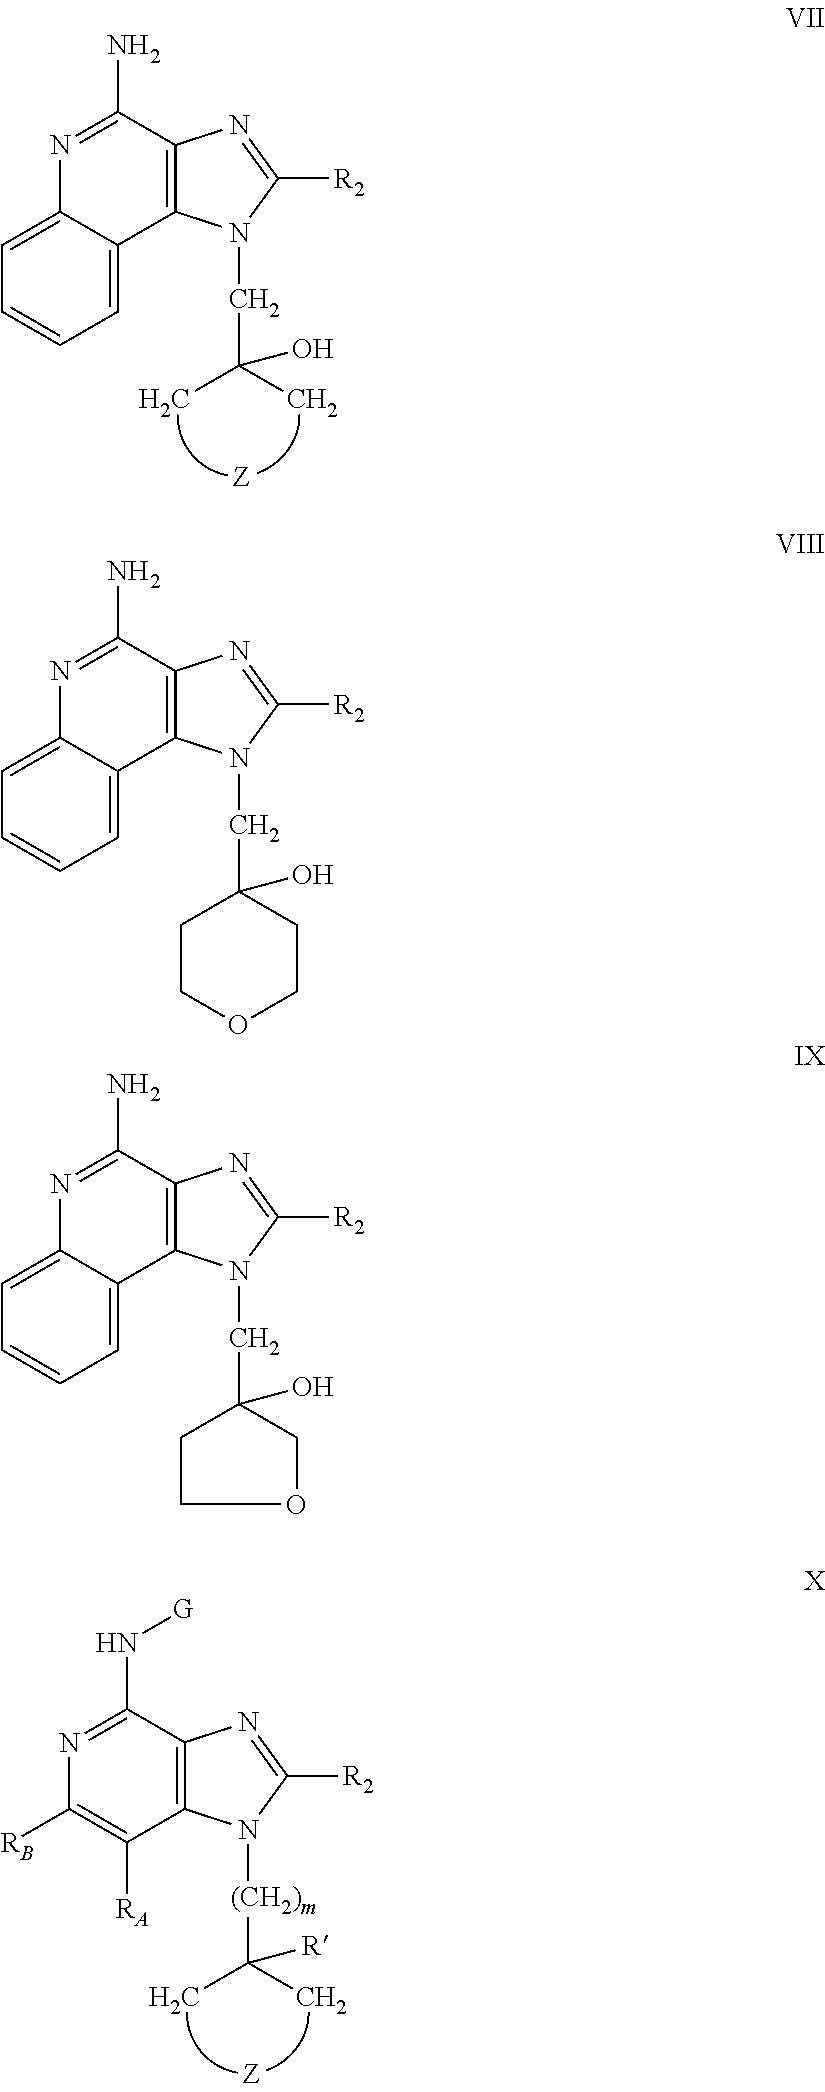 Figure US07884207-20110208-C00004